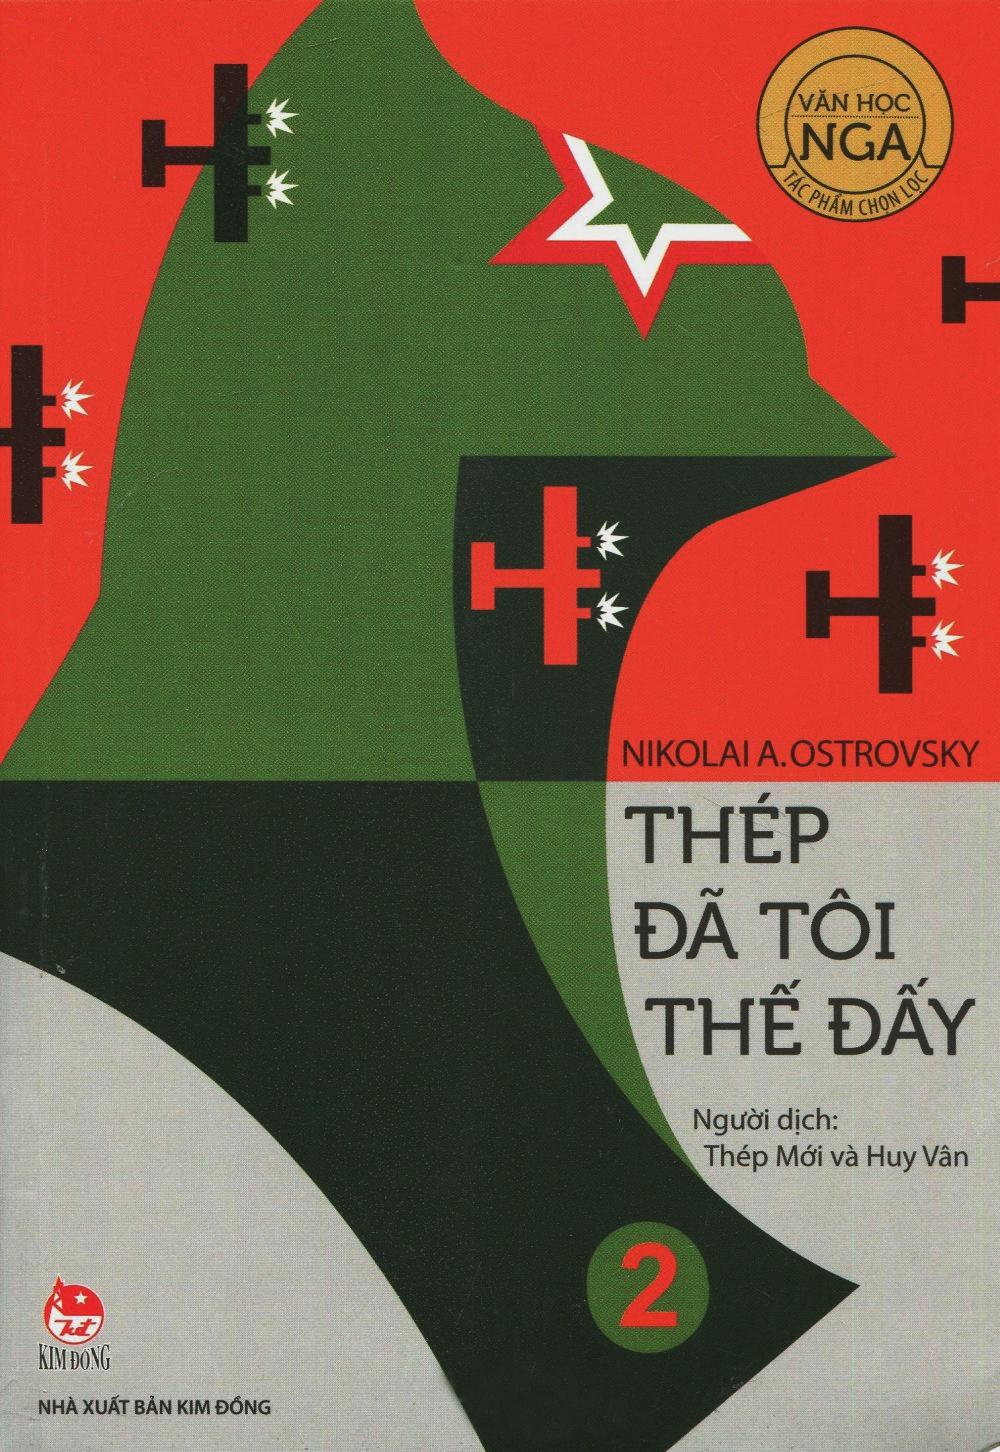 Bìa sách Văn Học Nga Tác Phẩm Chọn Lọc - Thép Đã Tôi Thế Đấy (Tập 2)